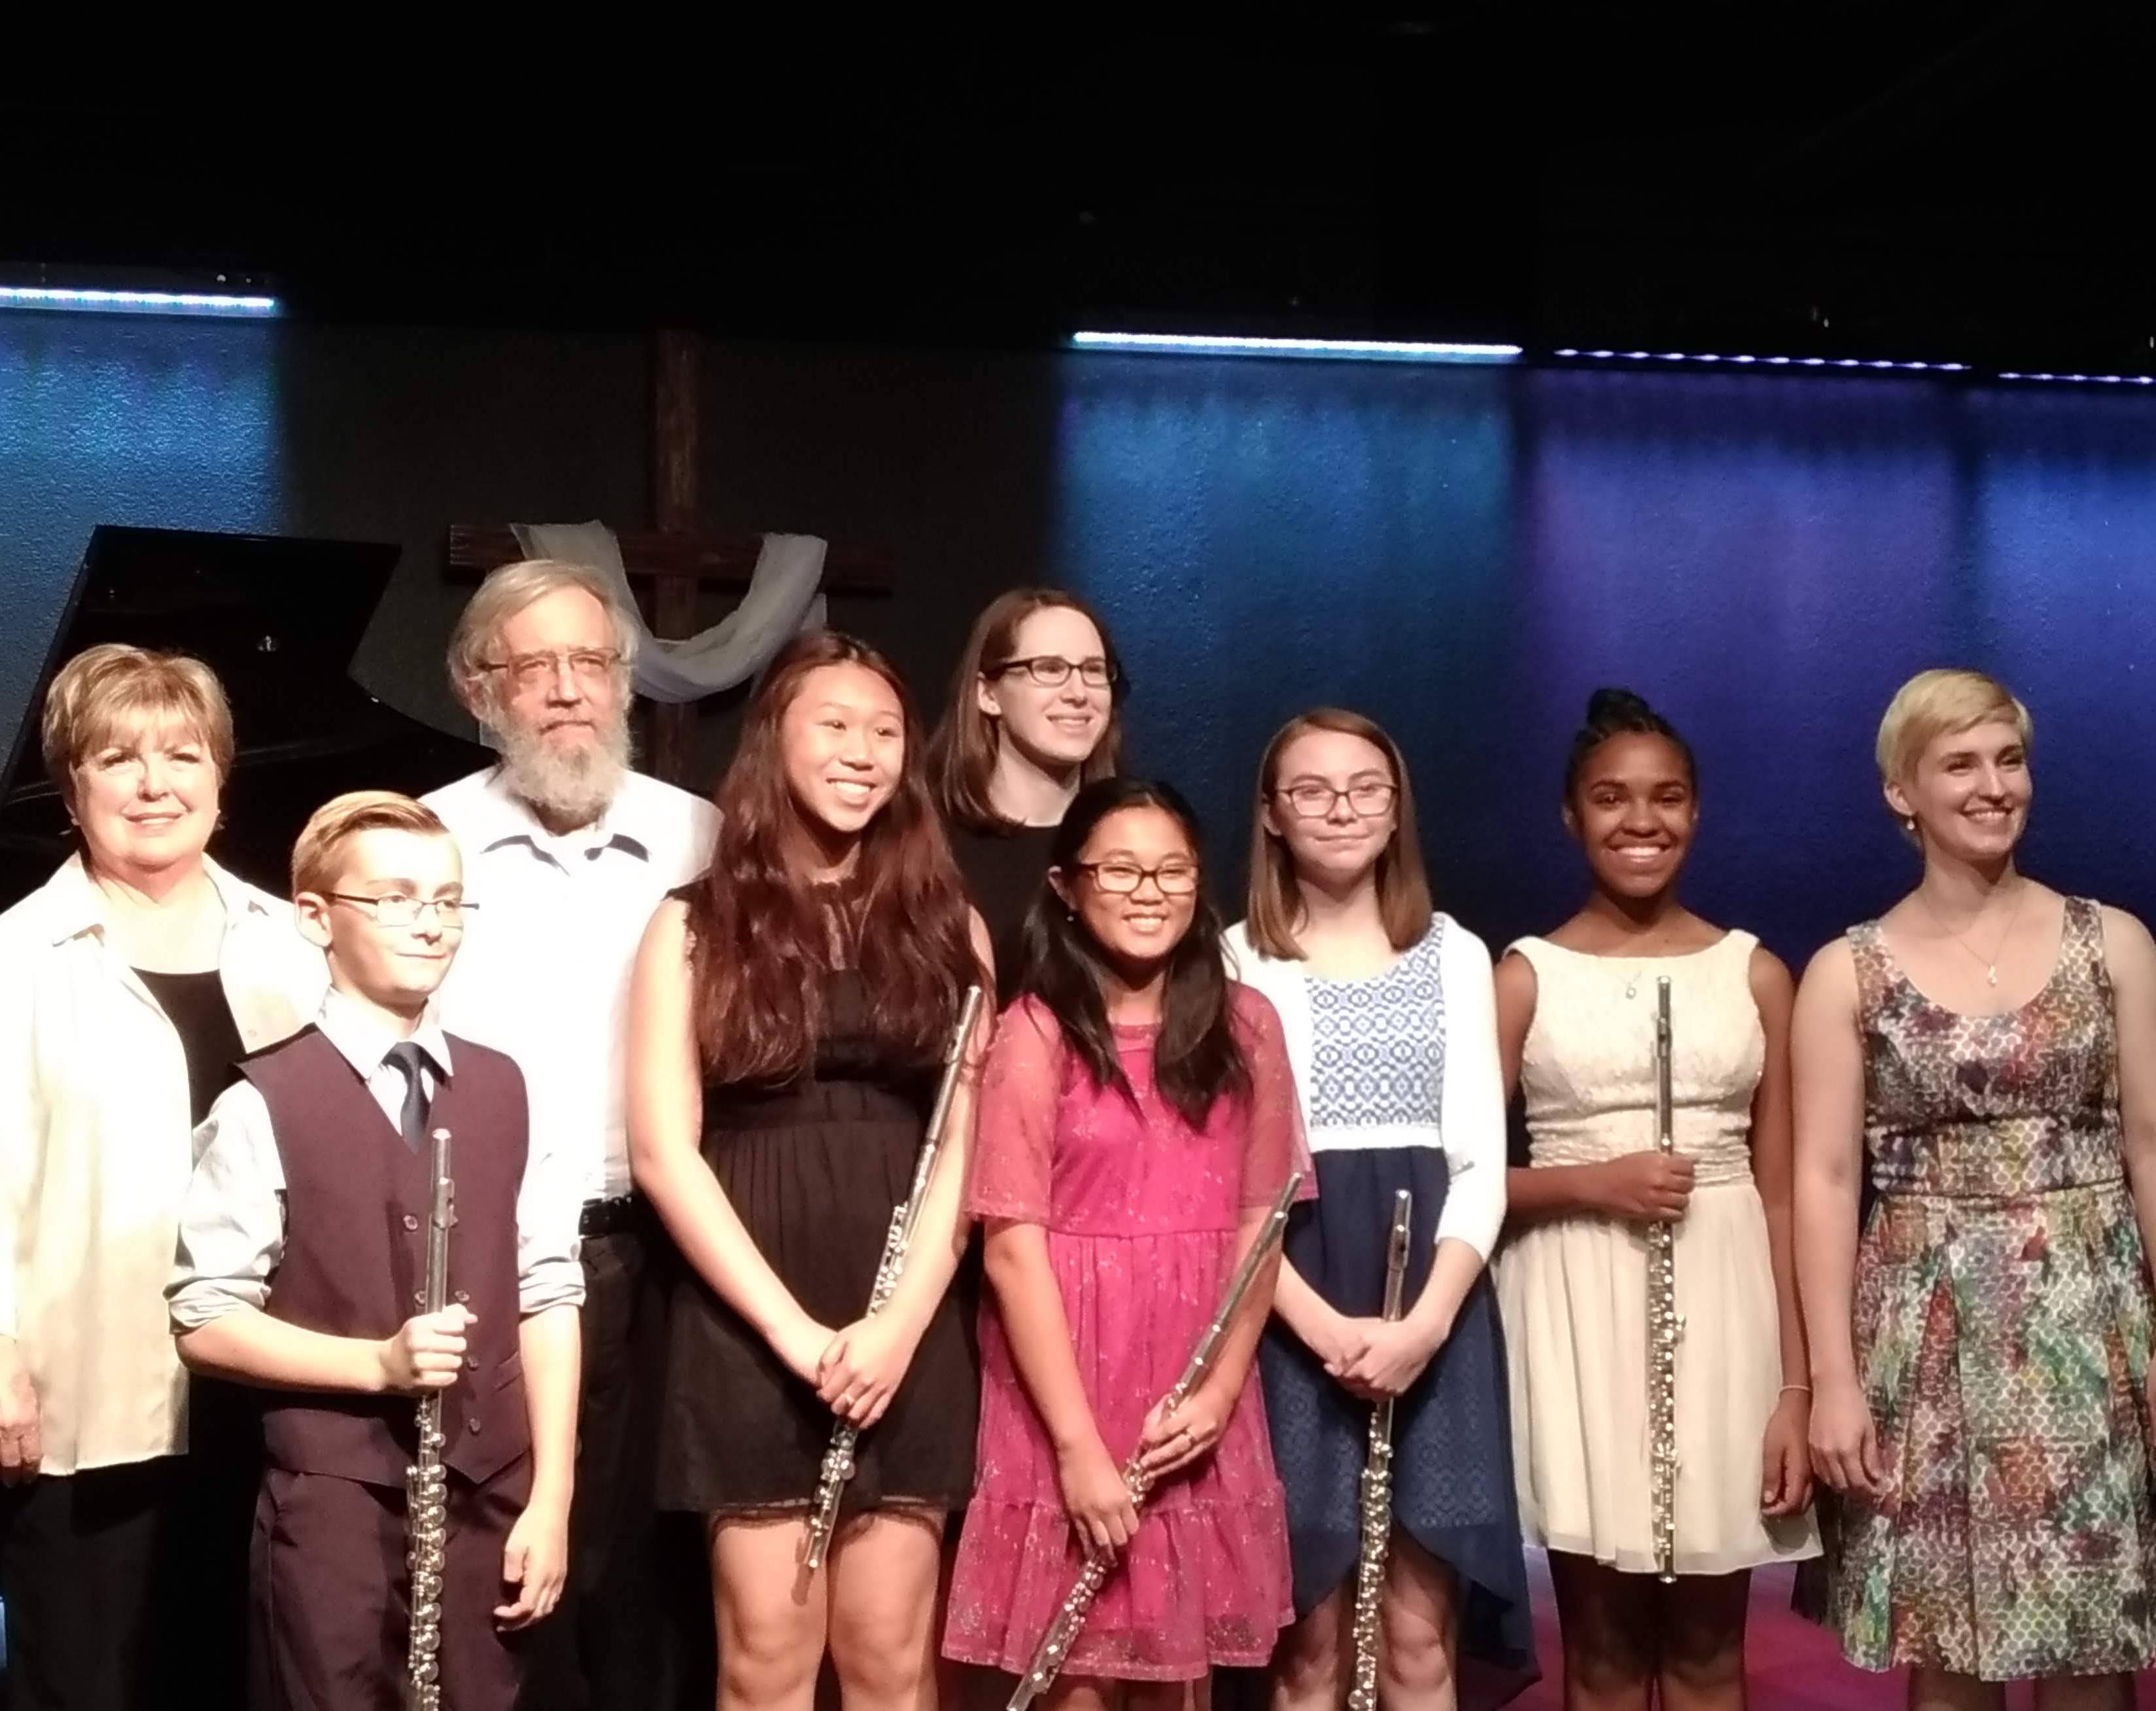 Flute lessons near Chandler, Tempe, Mesa, Gilbert, Phoenix, AZ